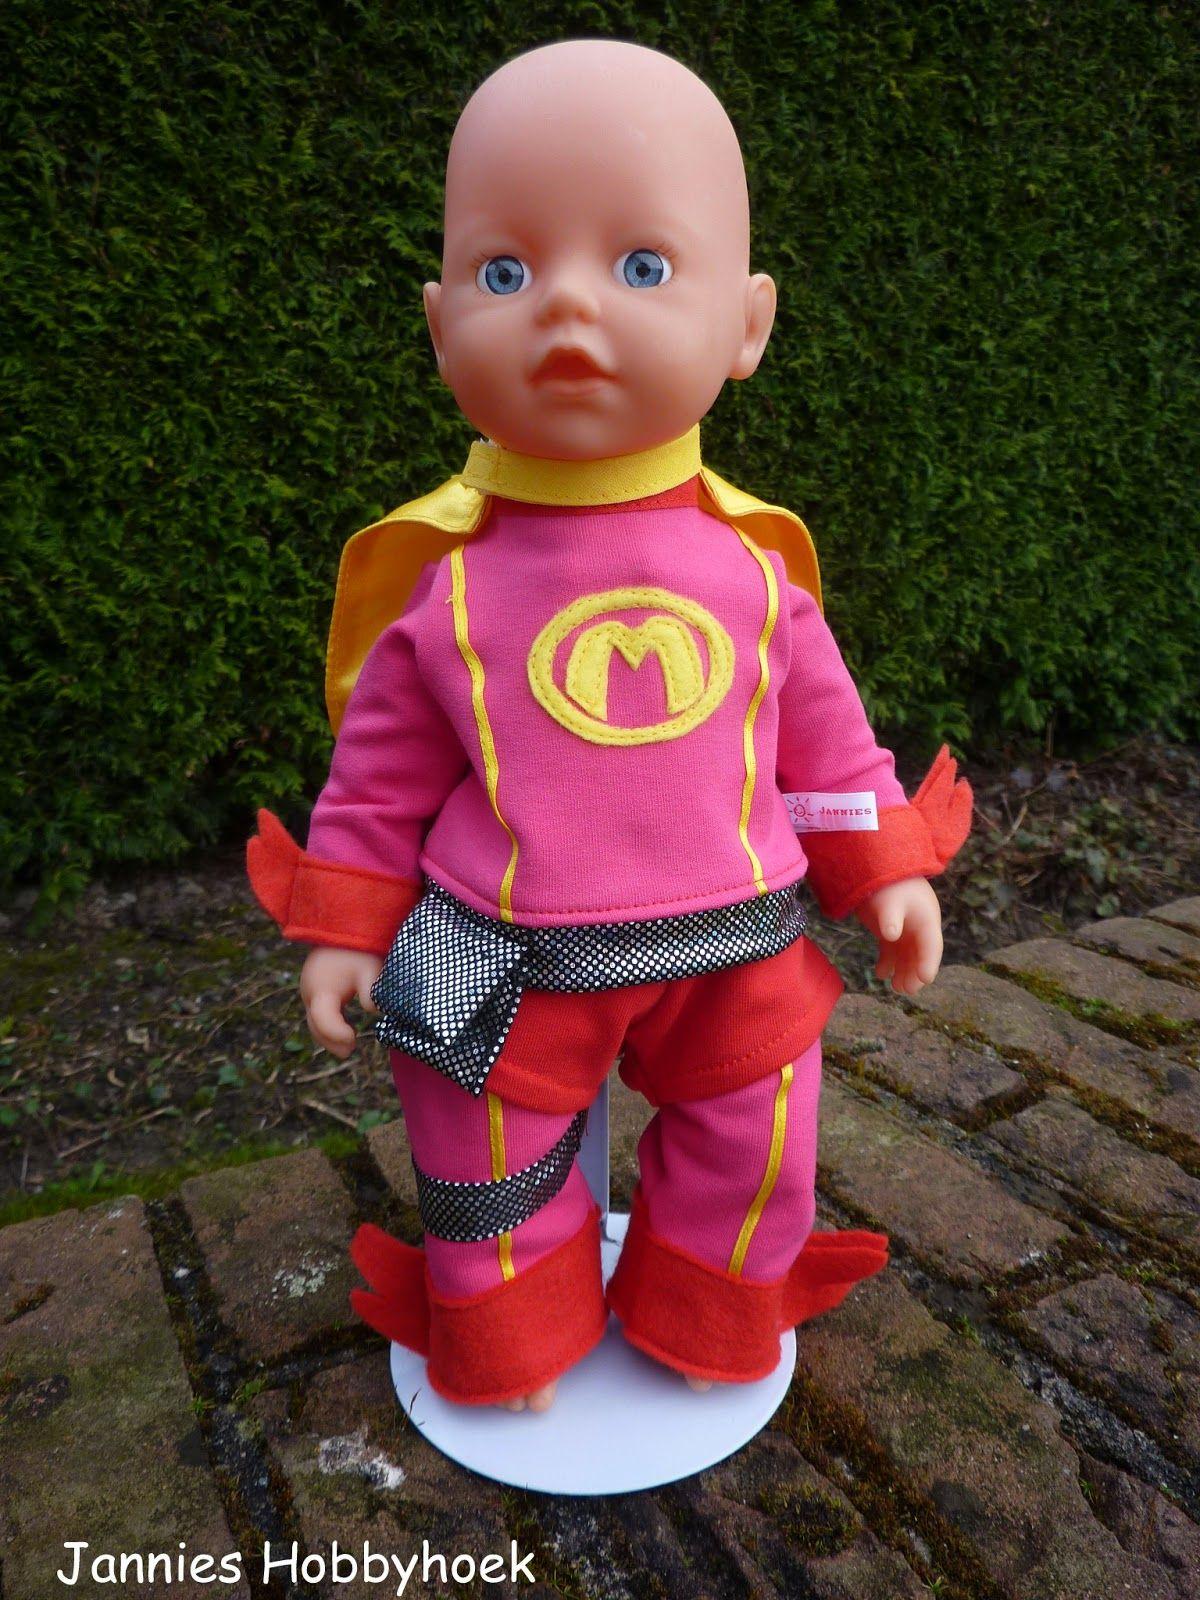 Jannies Hobbyhoek: Mega Mindy voor My Little BabyBorn, eigen ontwerp